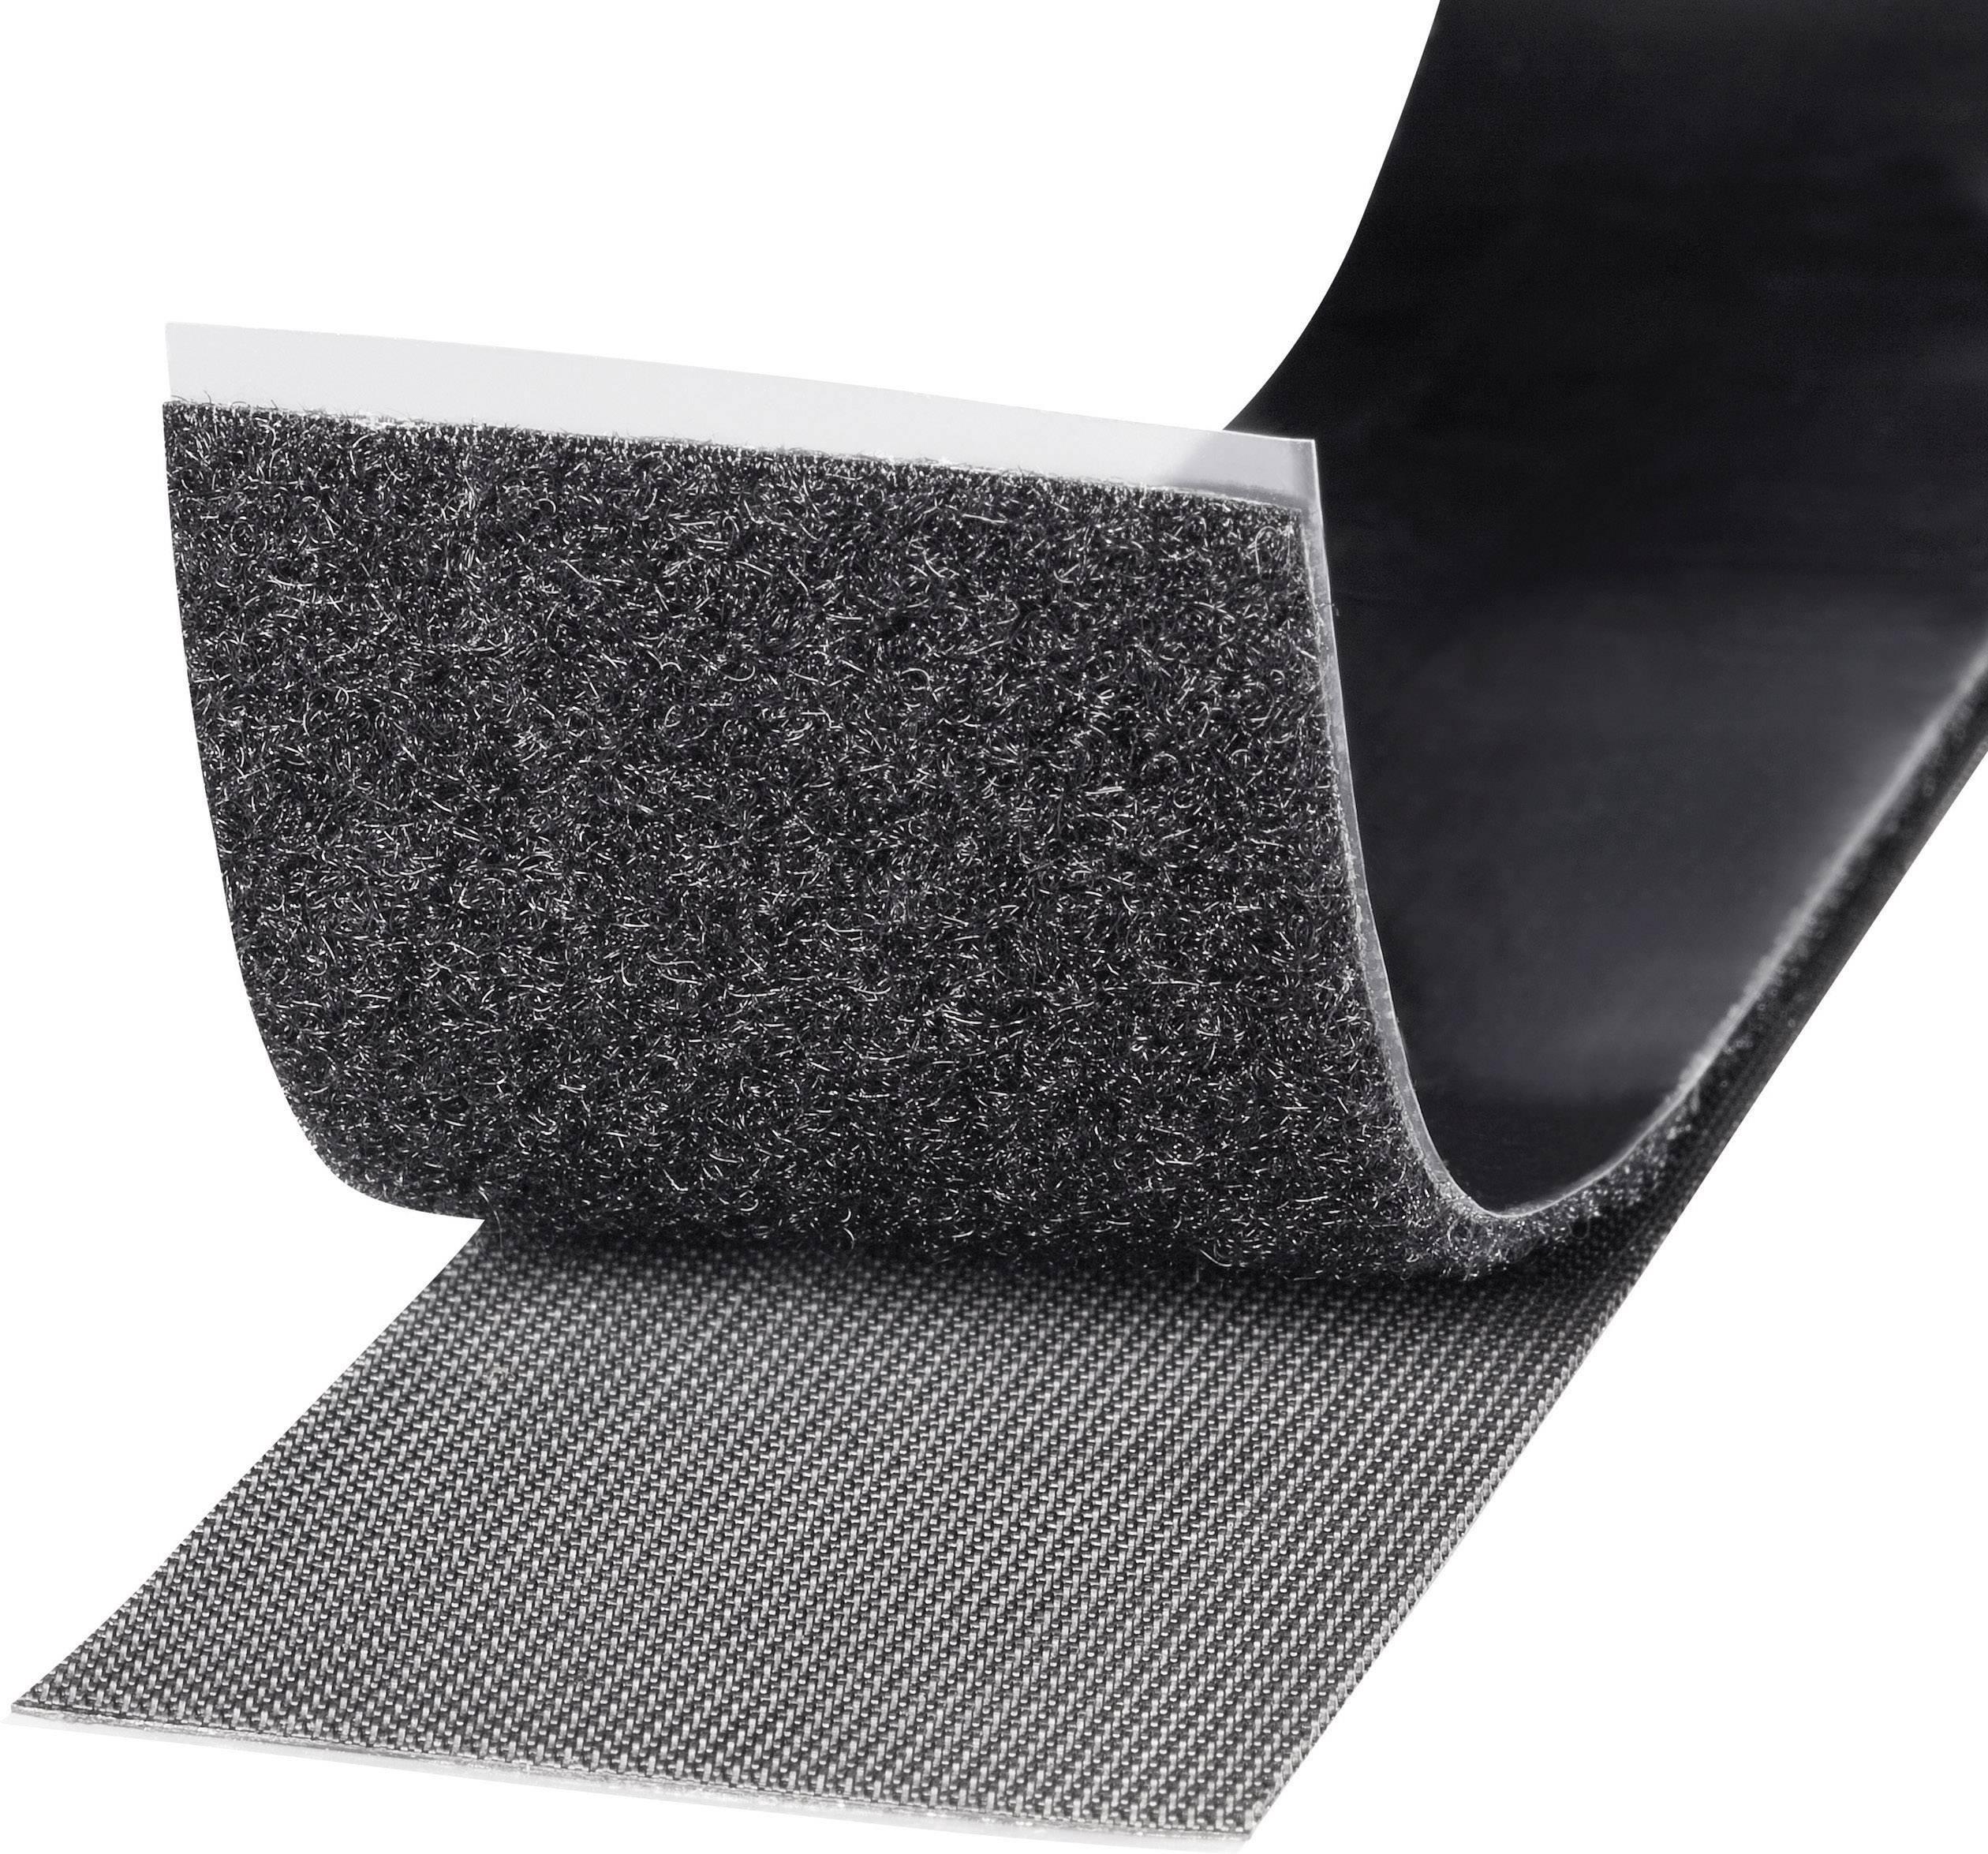 Samolepicí páska se suchým zipem TOOLCRAFT KL50X1000C, 1 m x 50 mm, černá, 1 role